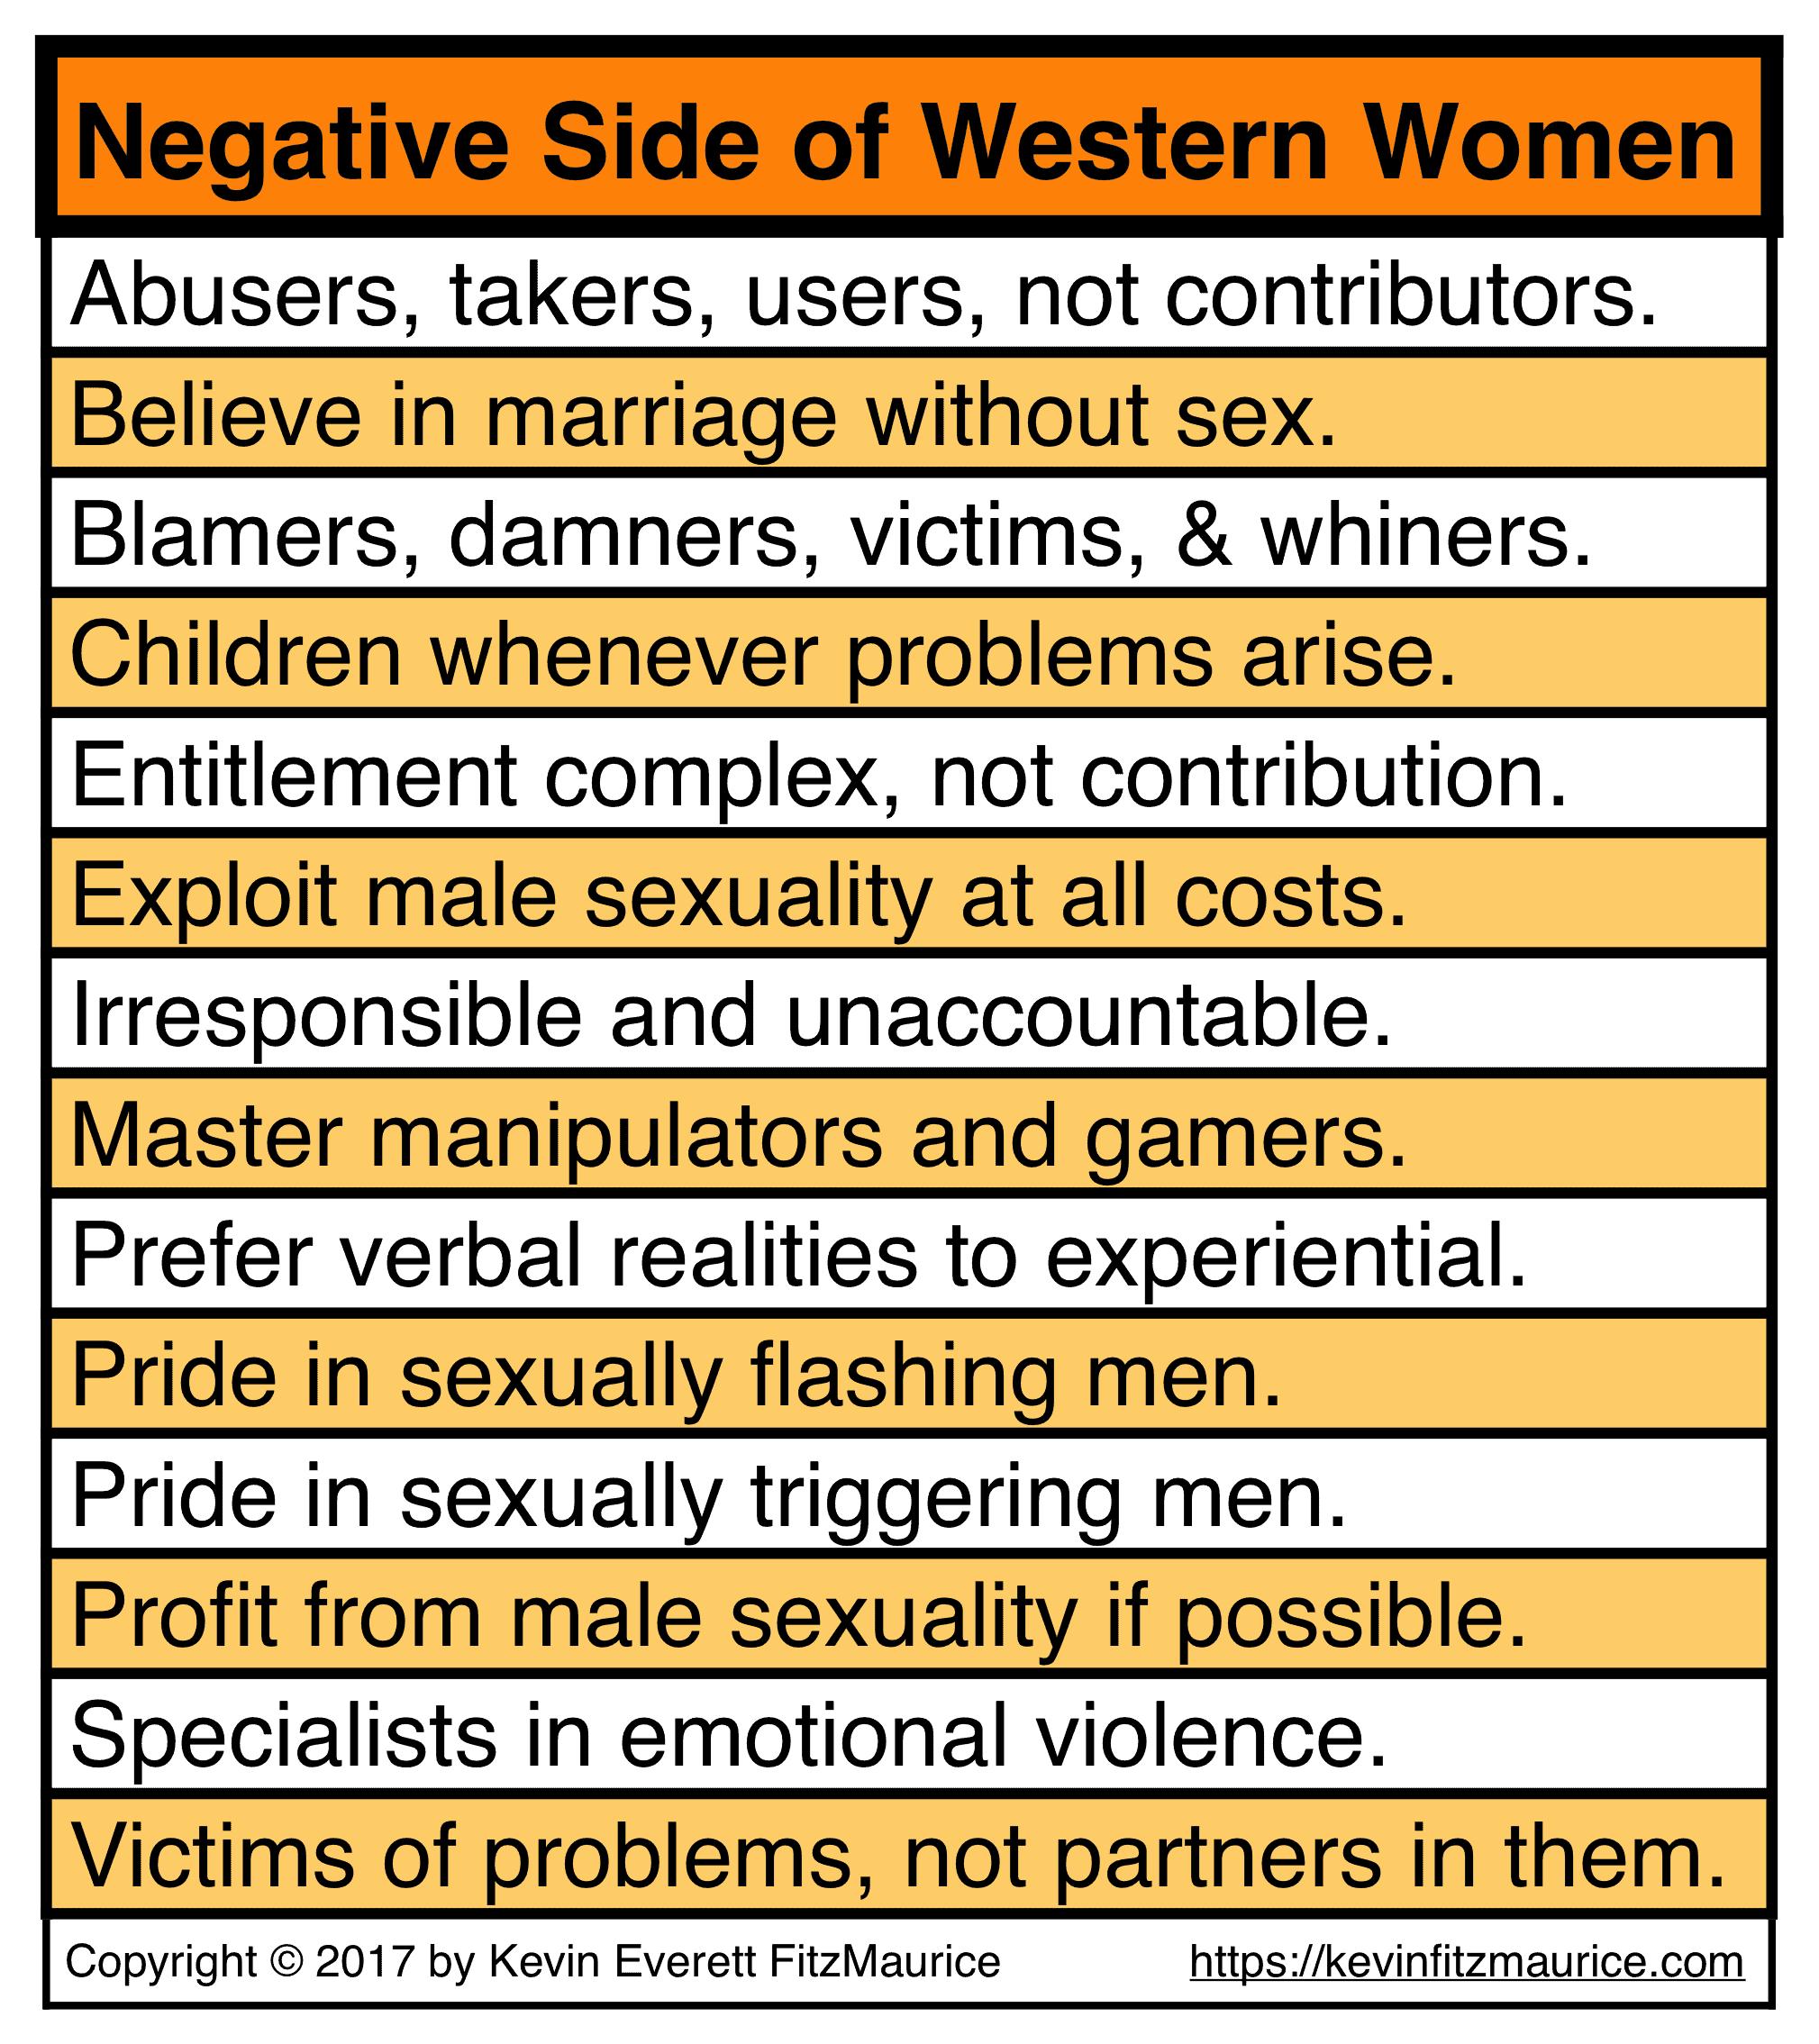 Western Women's Negative Side